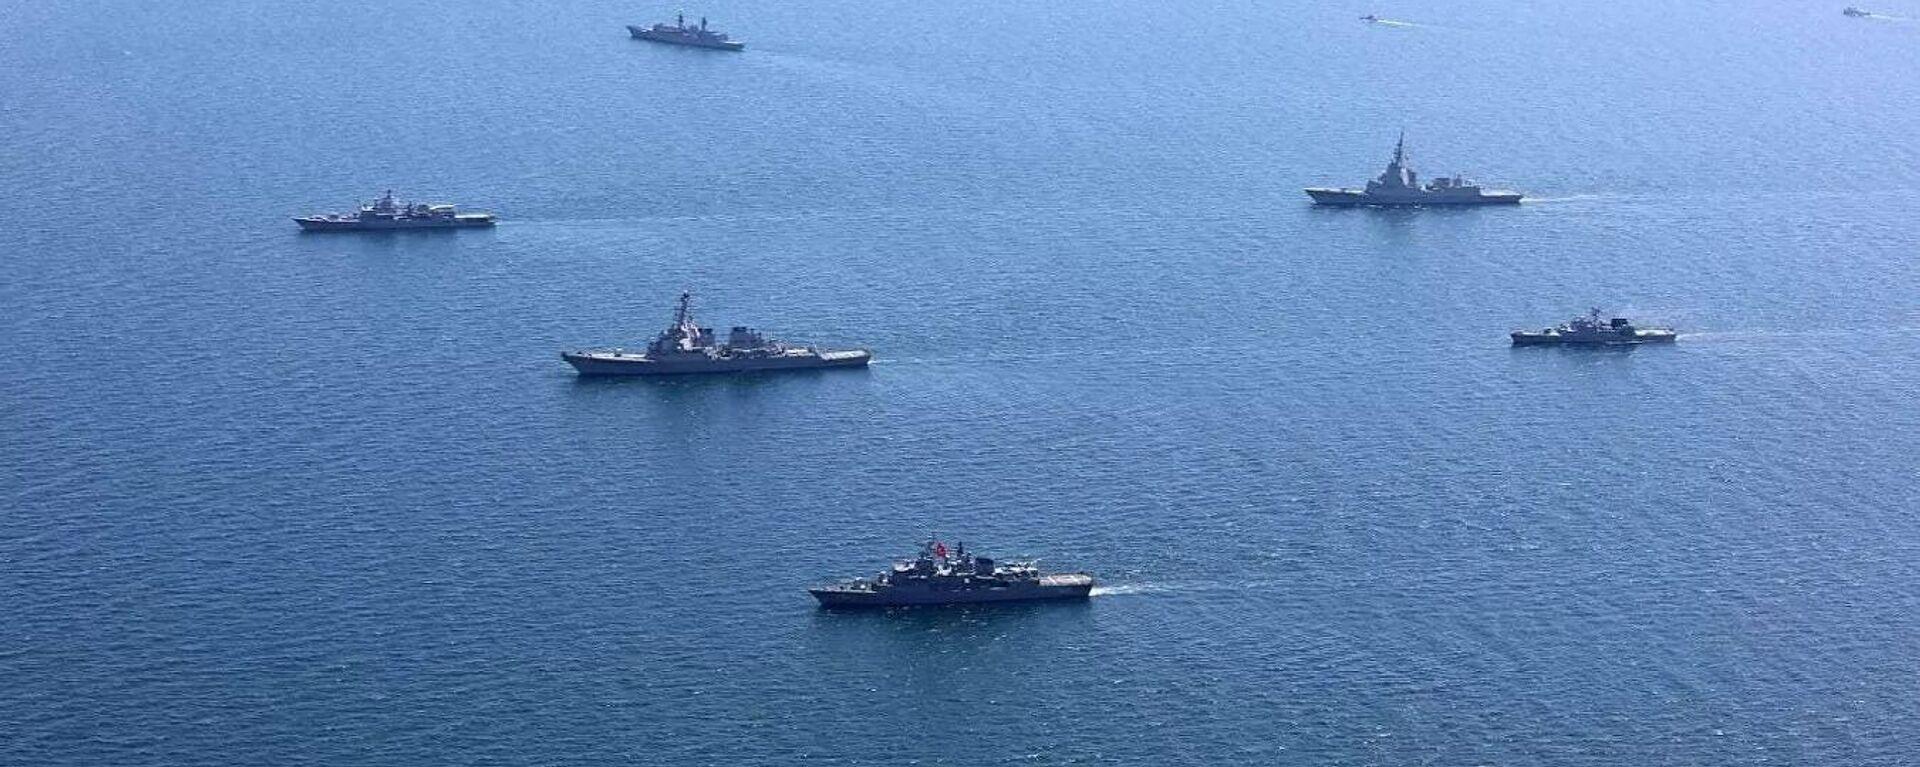 NATO militārās mācības Sea Breeze 2020 Melnajā jūrā  - Sputnik Latvija, 1920, 03.10.2021